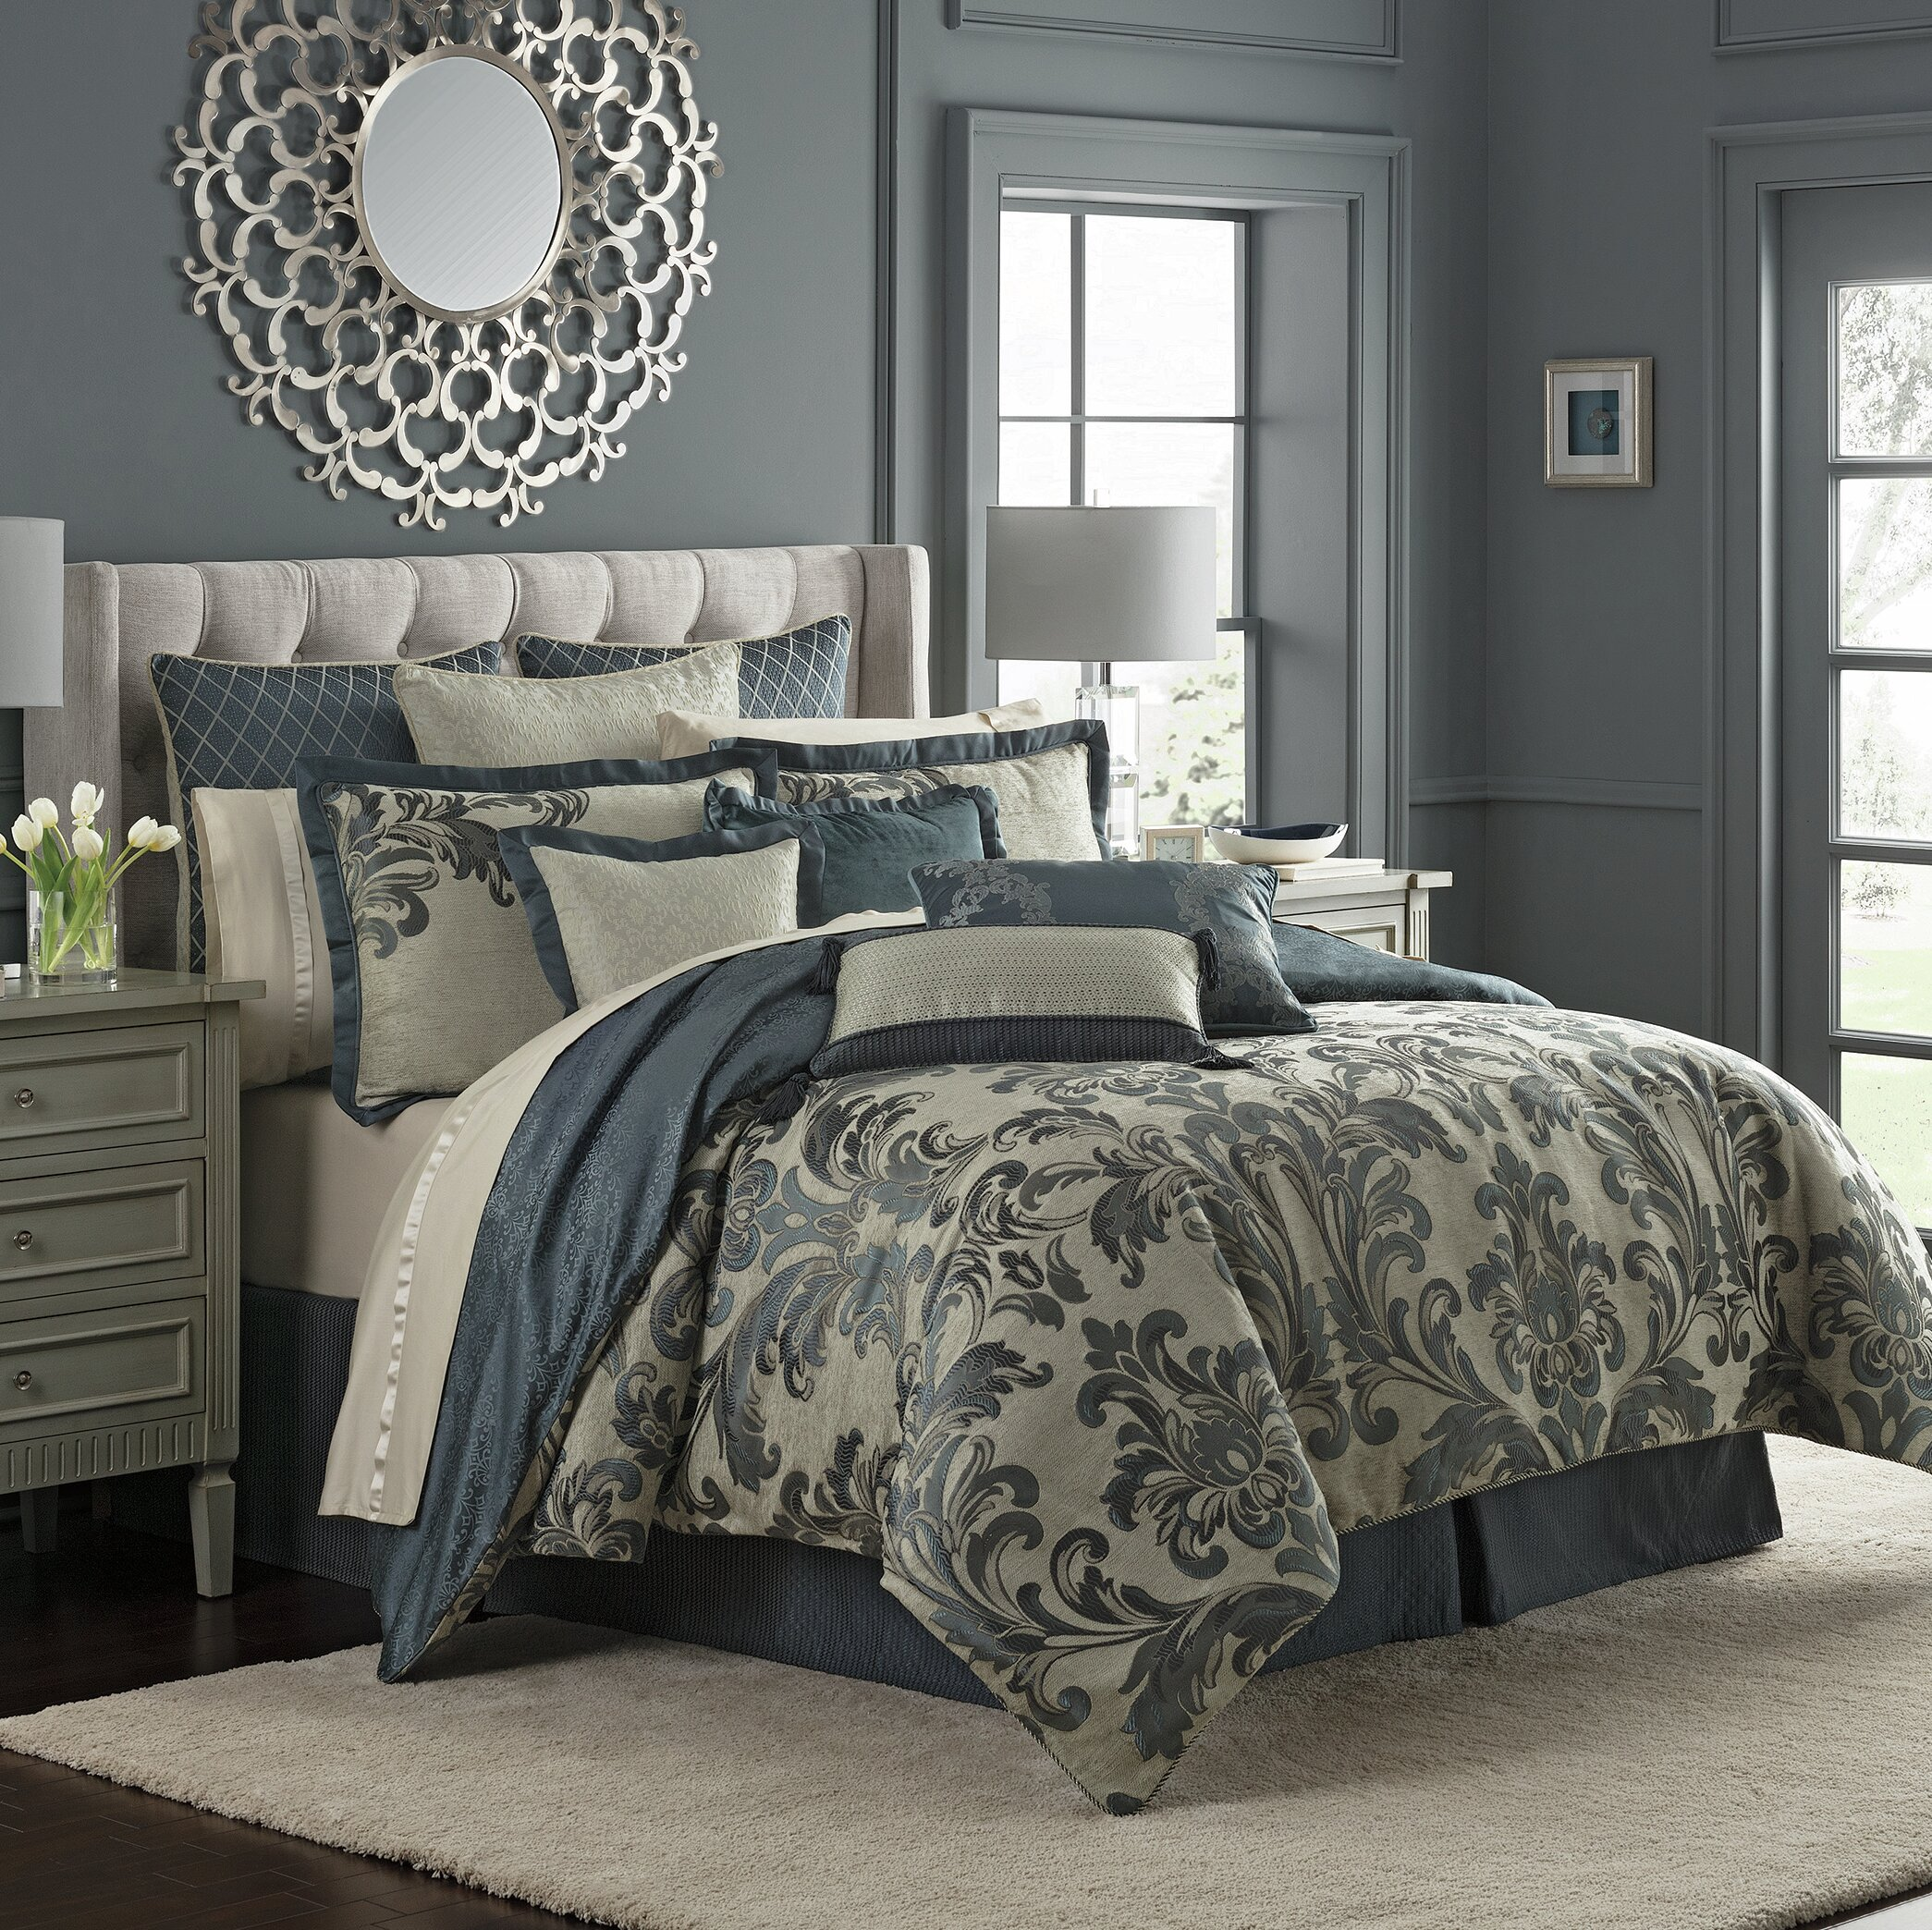 Comforter Sets Queen.Everett Reversible Comforter Set